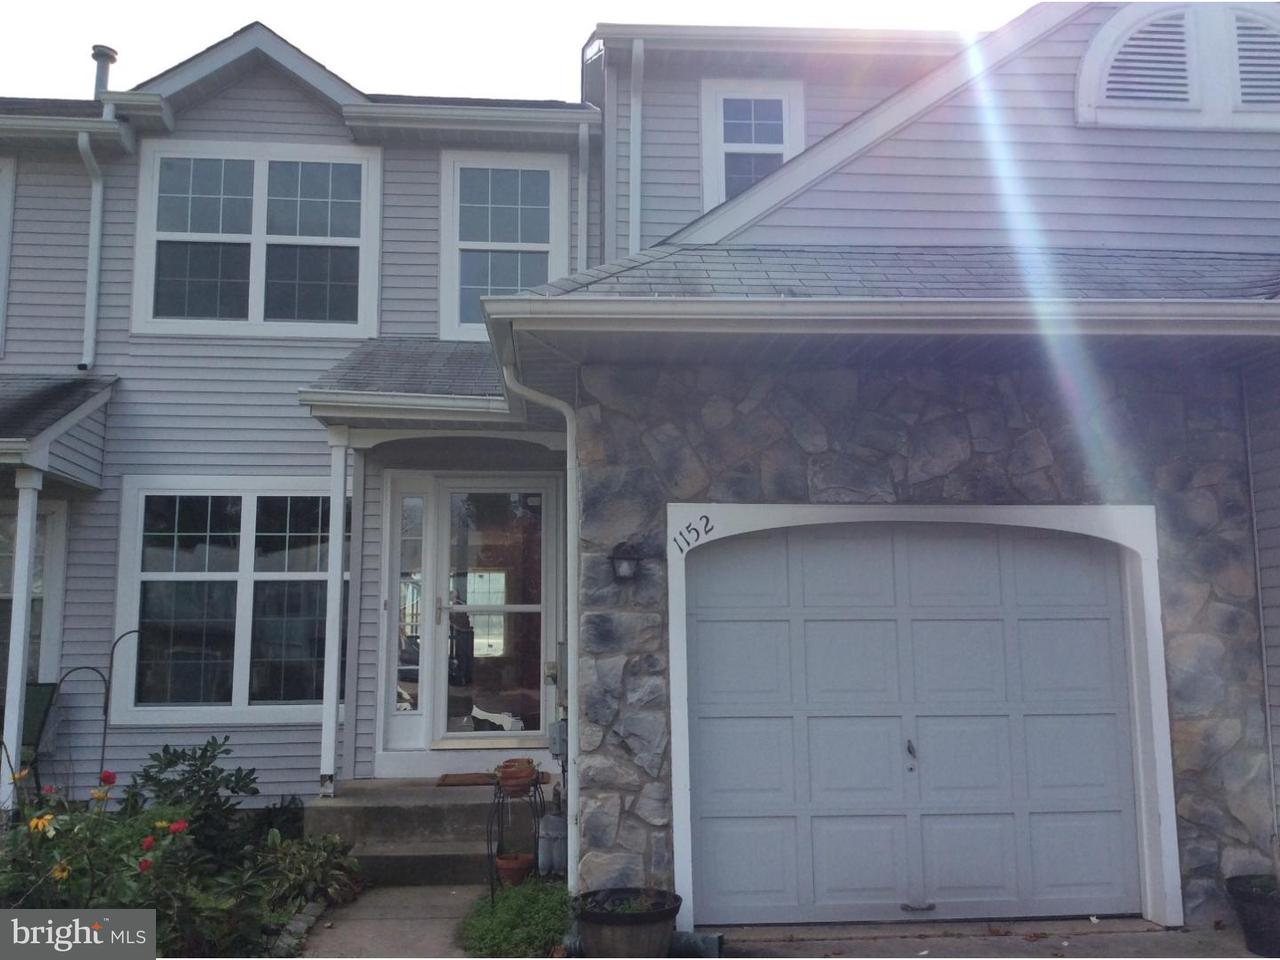 联栋屋 为 销售 在 1152 DUBLIN Court Williamstown, 新泽西州 08094 美国在/周边: Monroe Township